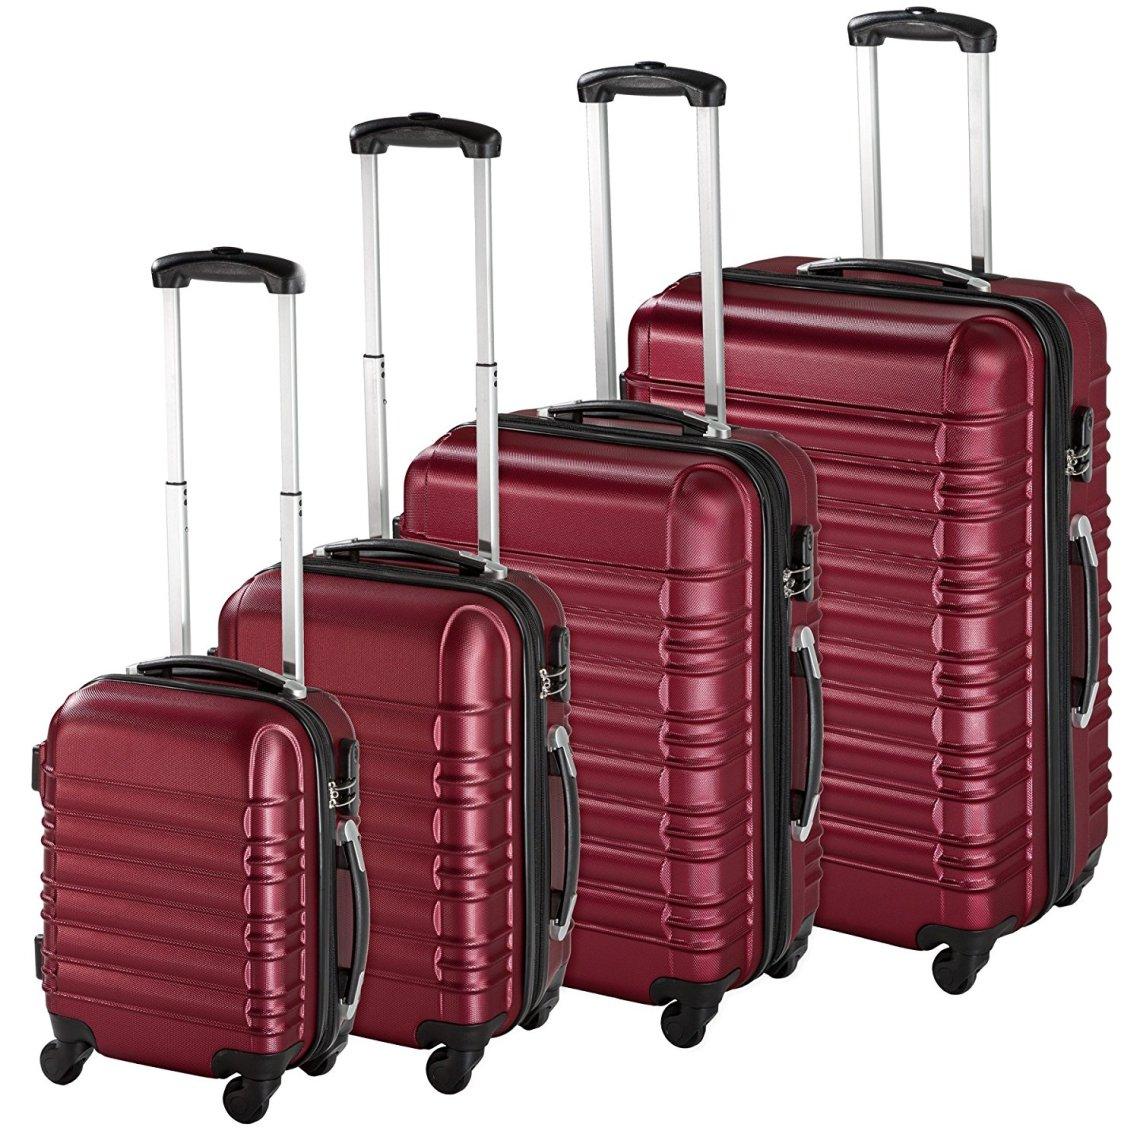 Juego de 4 maletas de viaje